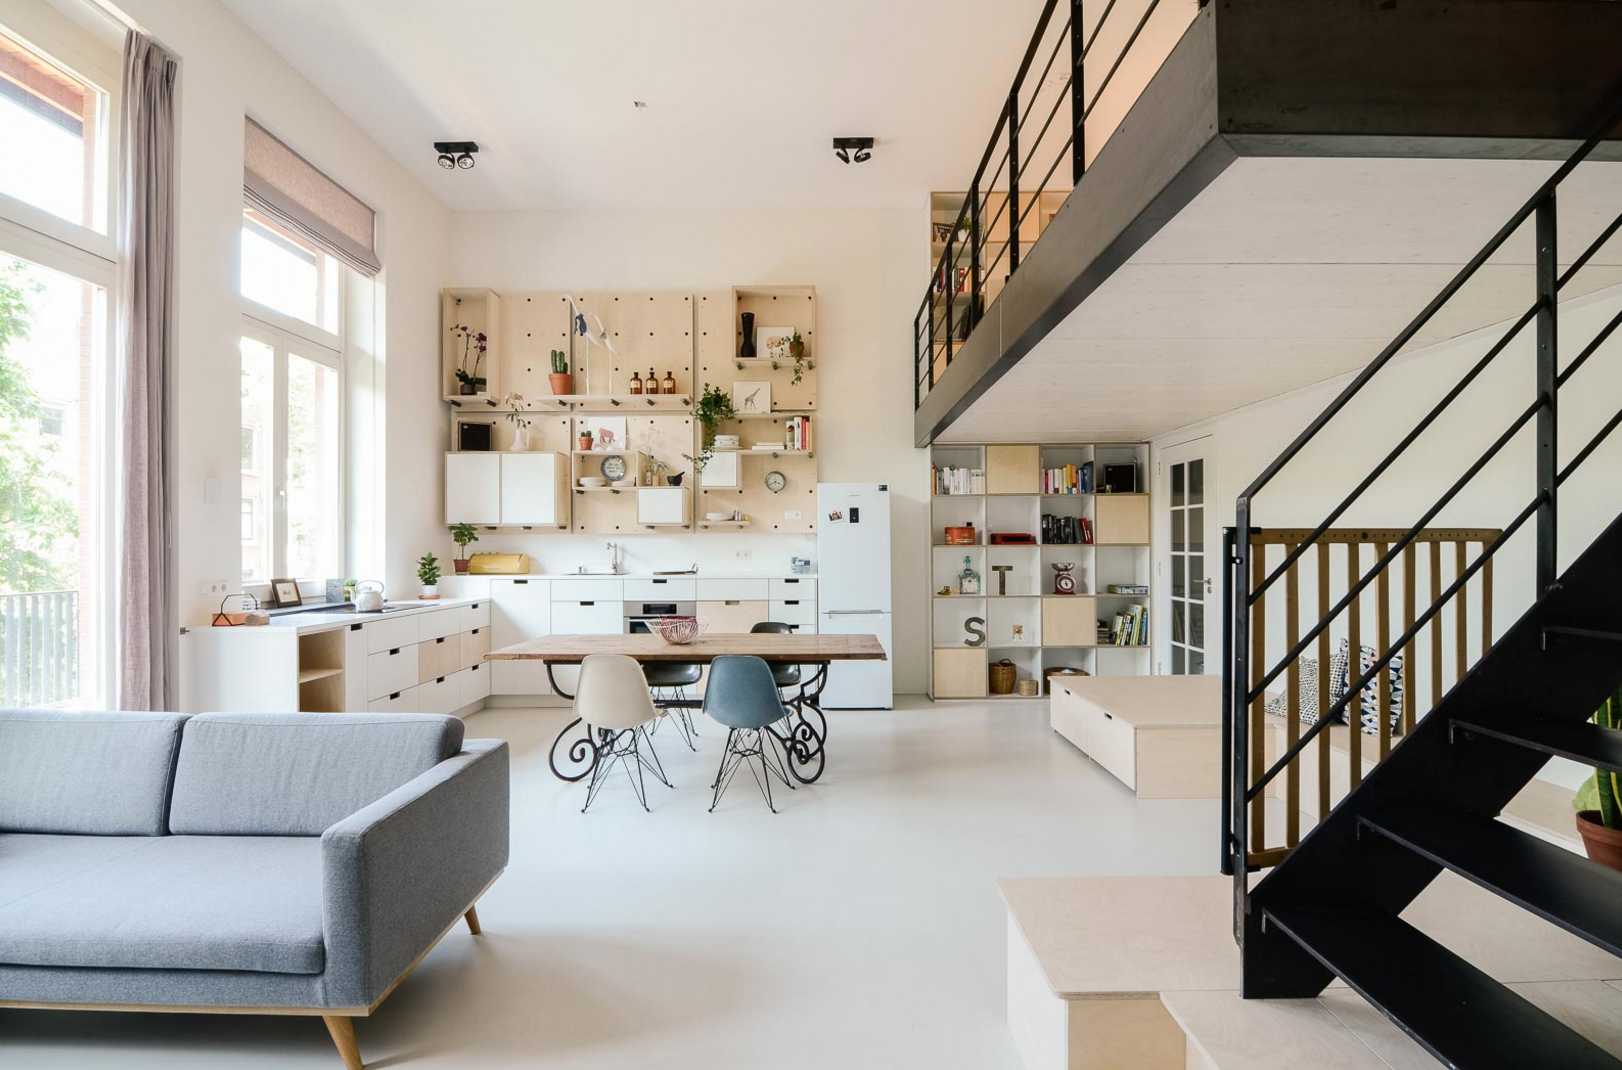 職員室がベッドルーム!?オランダに、廃校をリノベーションした「共同住宅」ができました